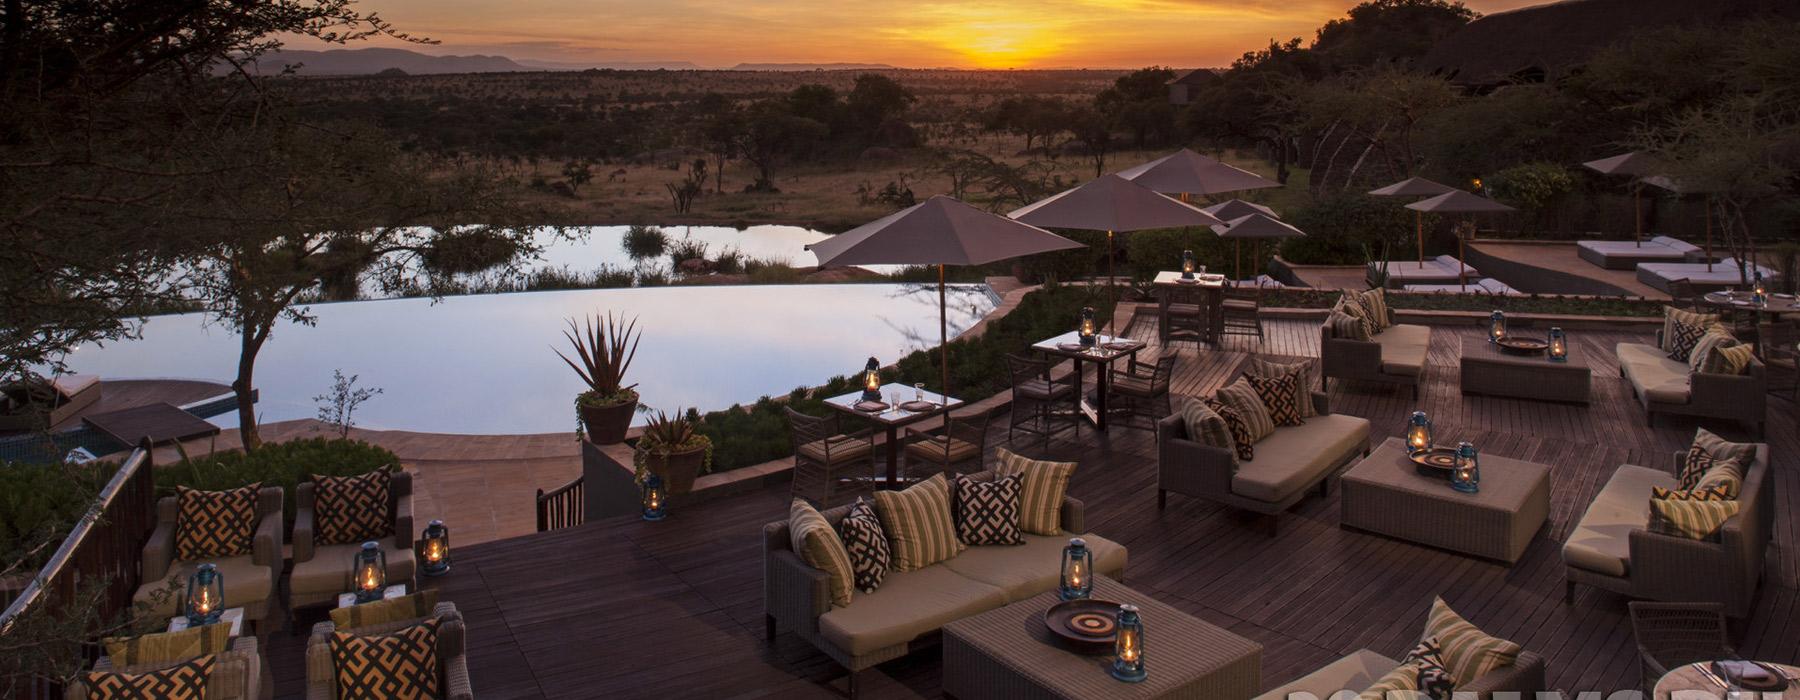 2 Days Tanzania Lodge Safari